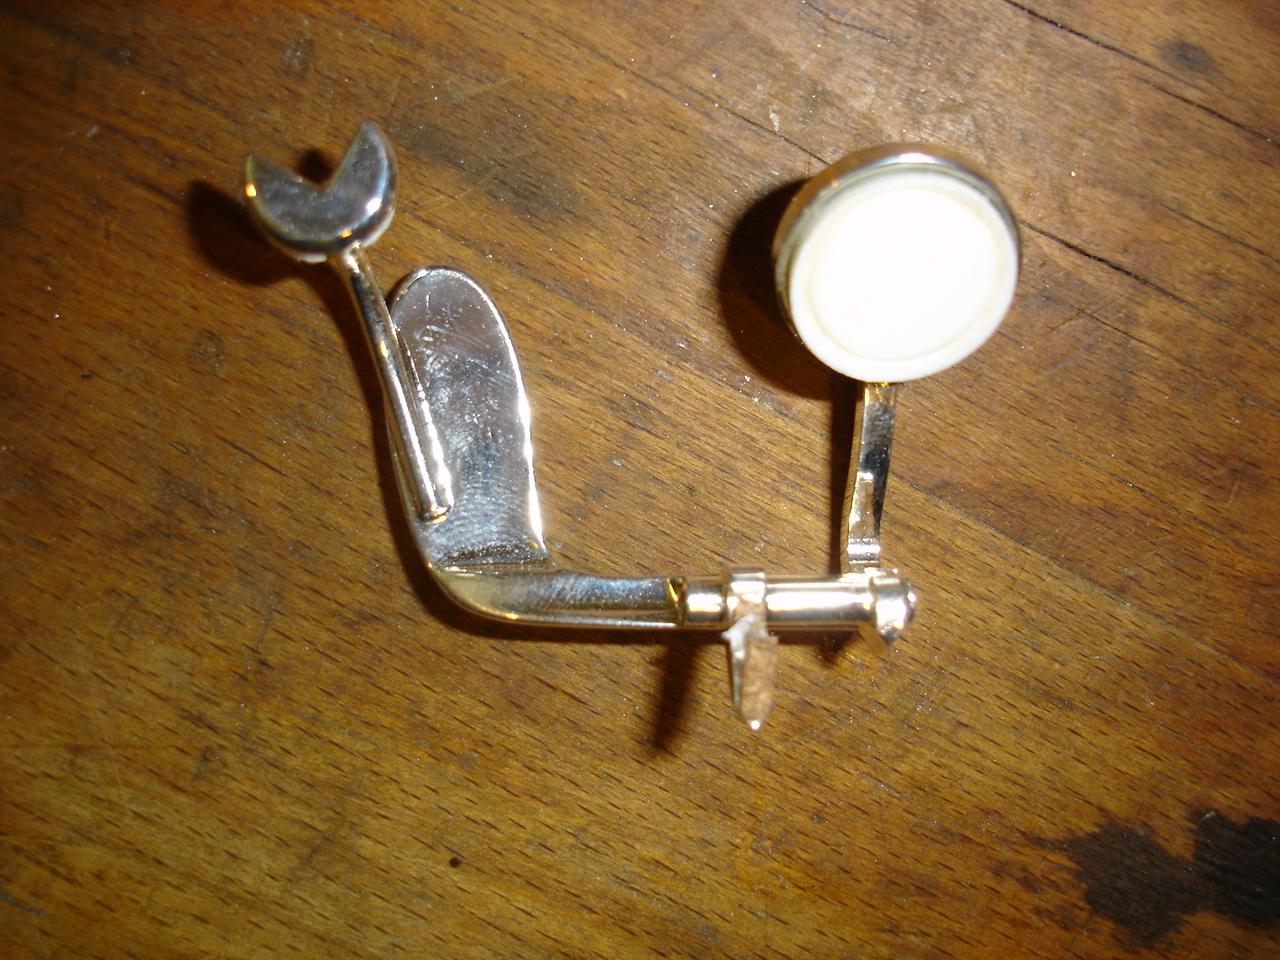 C/F Buffet key